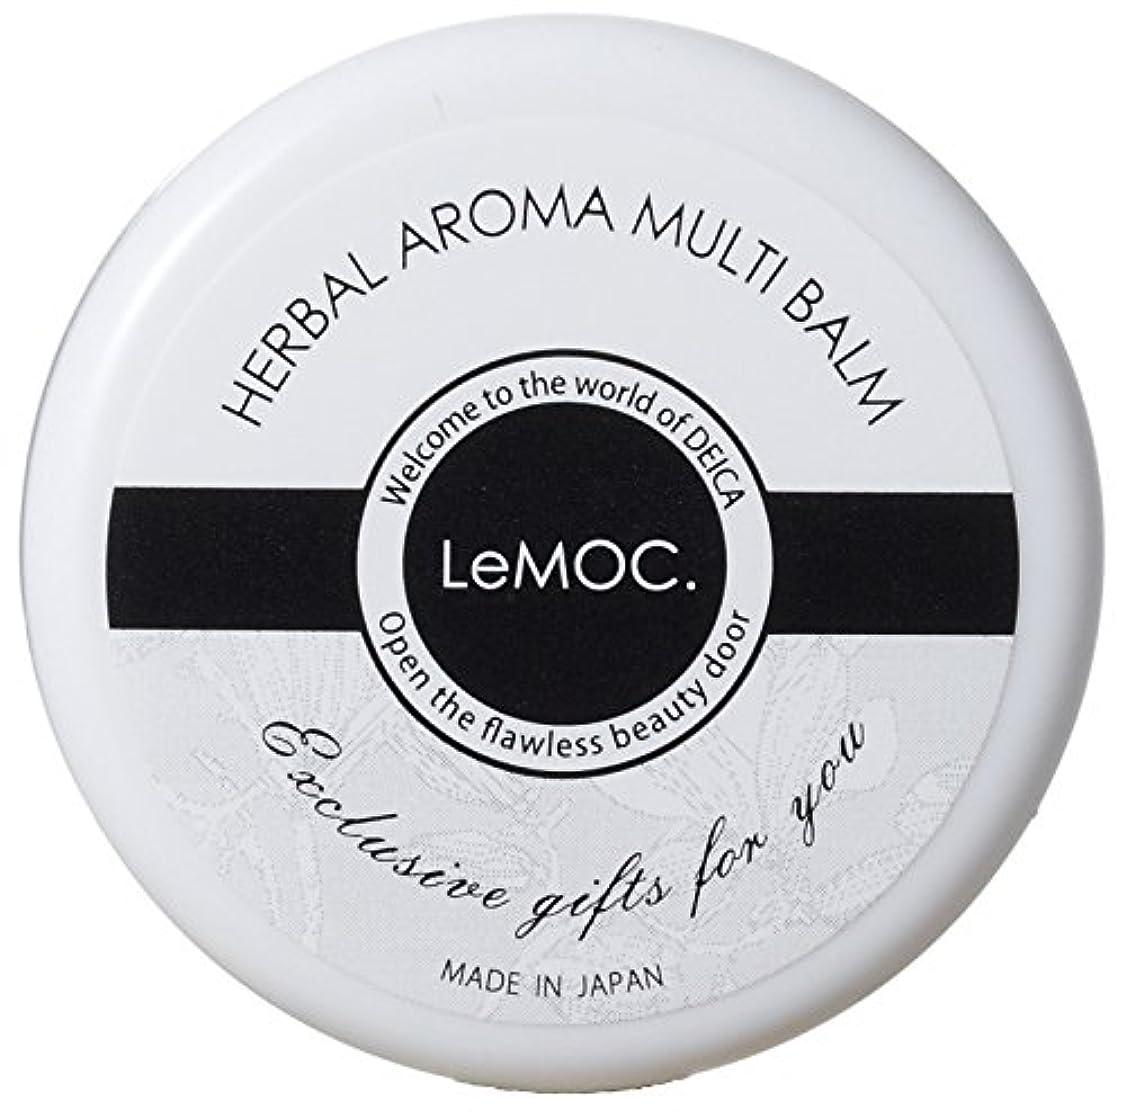 排泄する粘性の適度なルモック.(LeMOC.) ハーバルアロマ マルチバーム 15g(全身用保湿バーム)